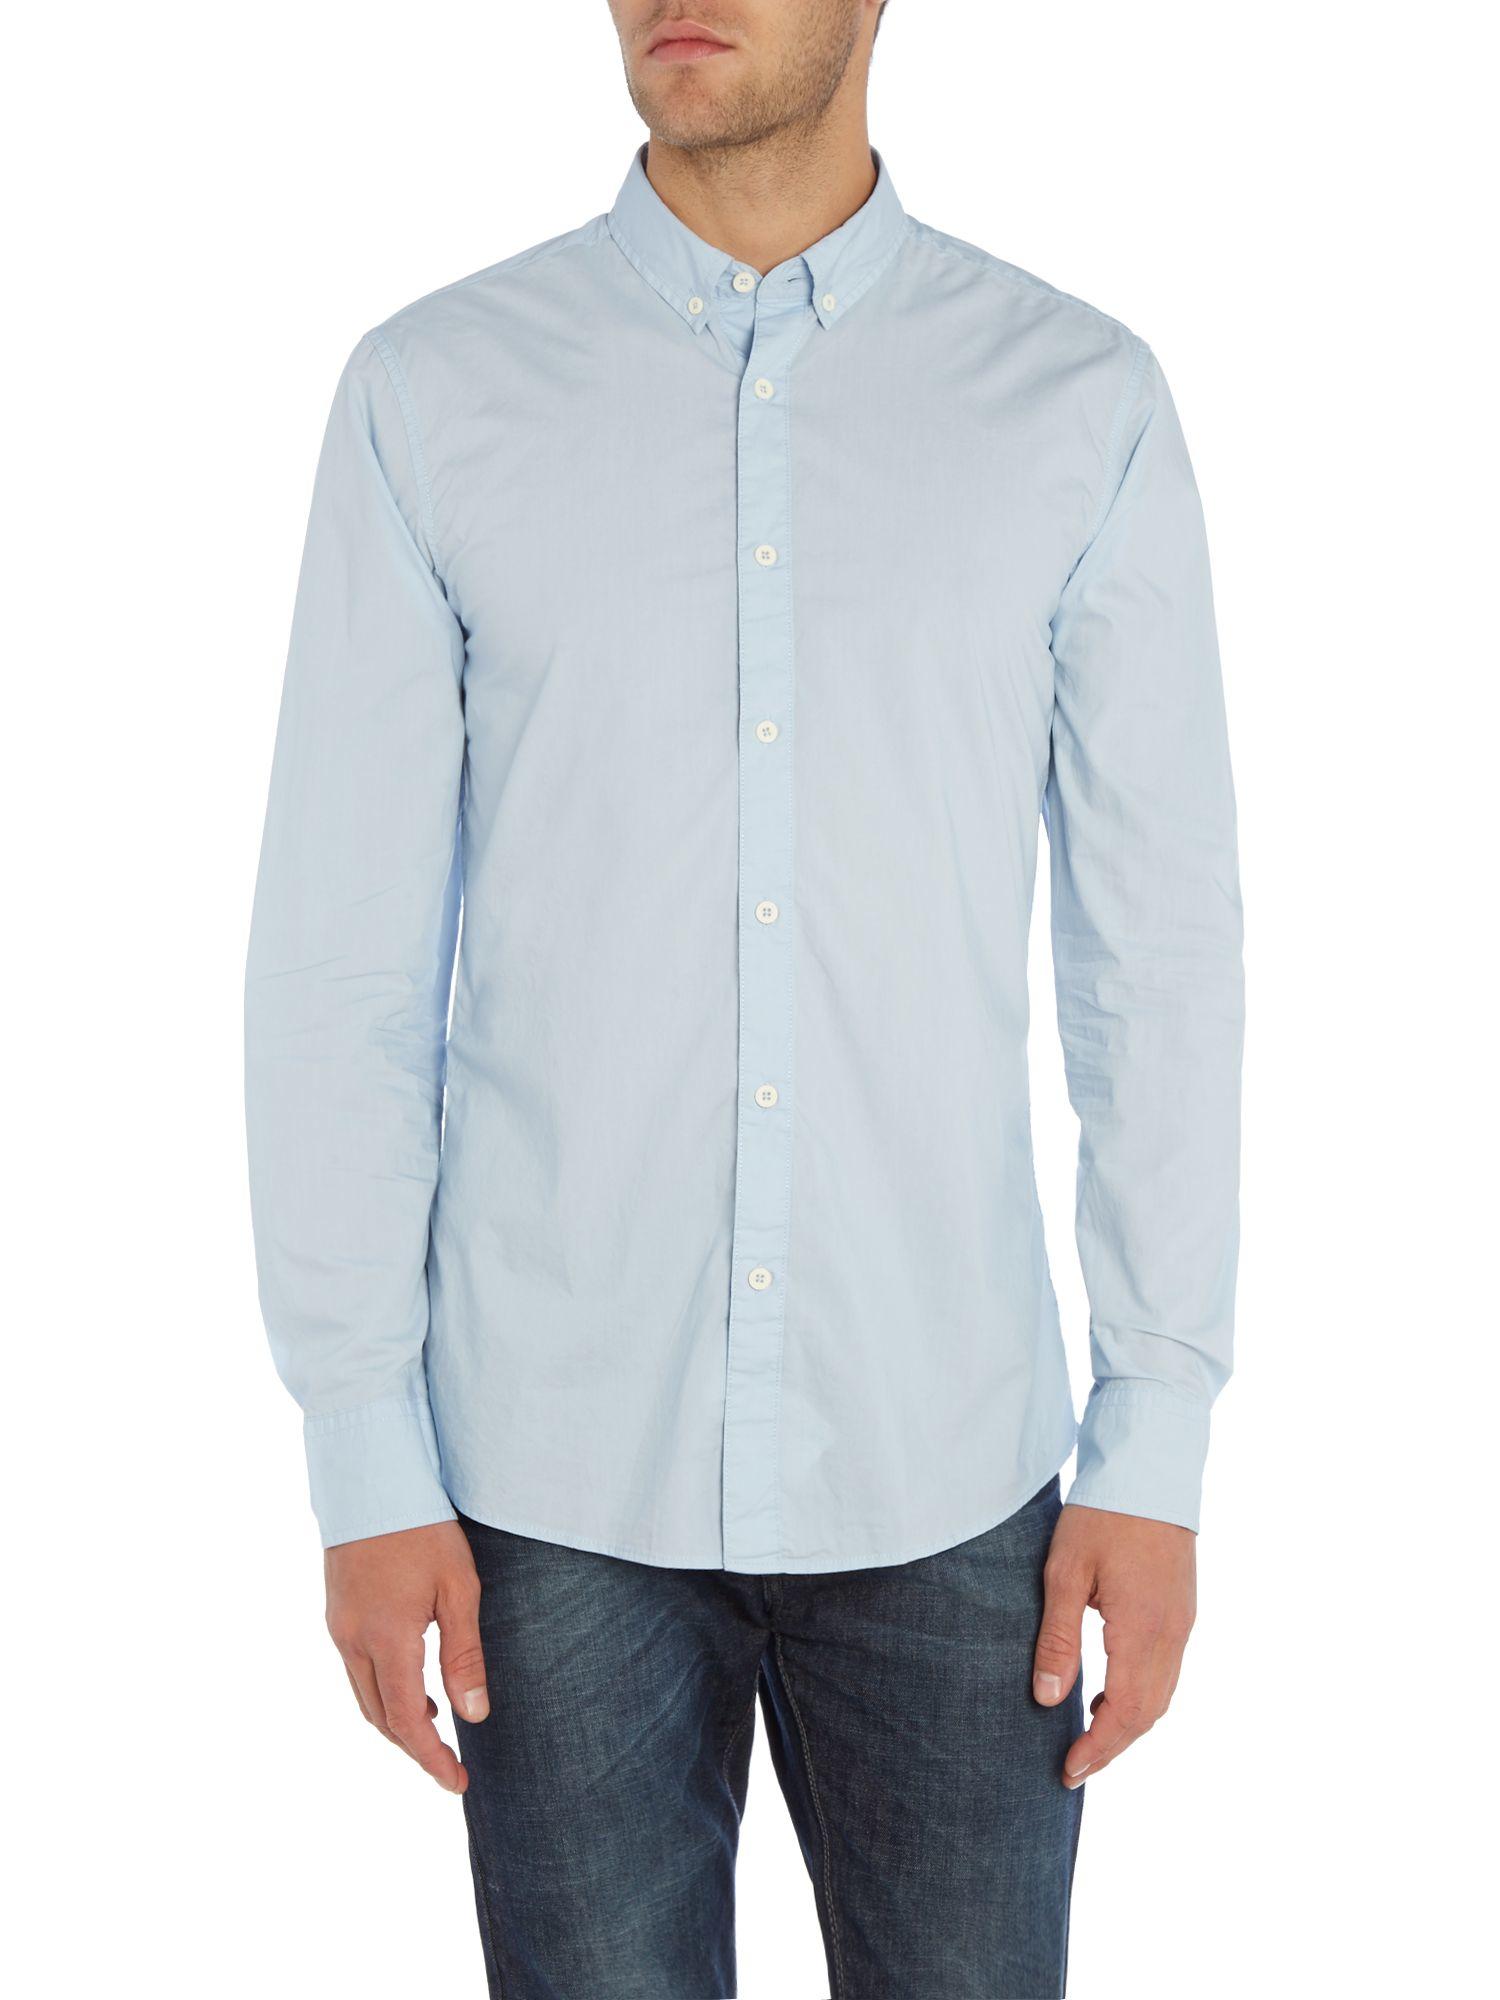 Benetton Classic Long Sleeve Shirt in Light Blue (Blue) for Men